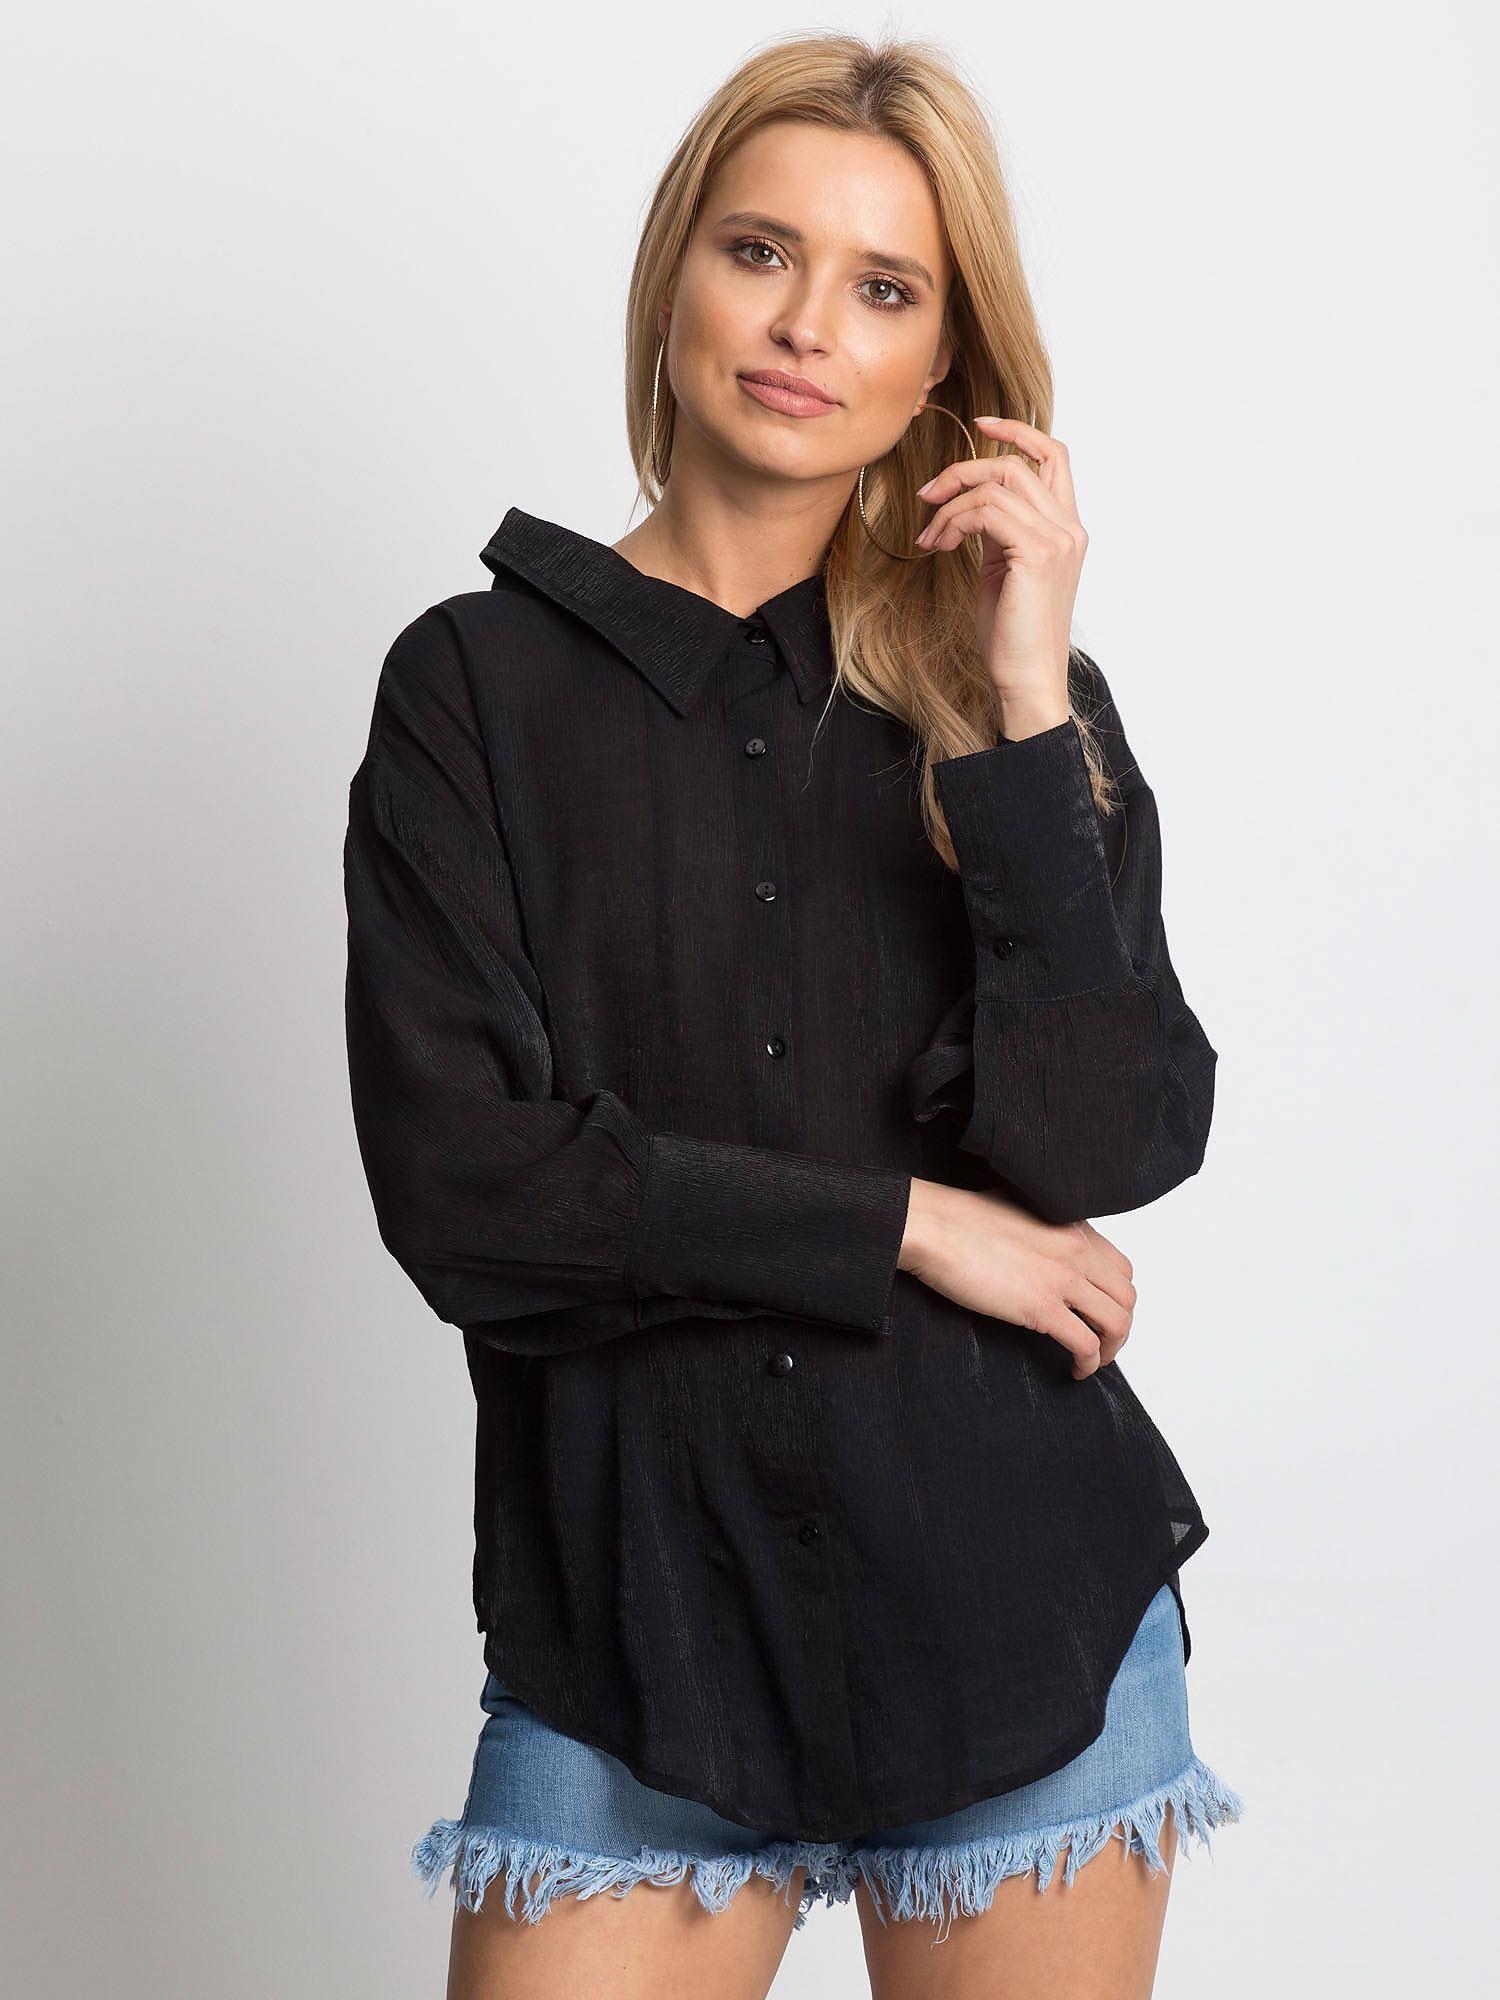 f1100e1e583f54 Koszula damska z wycięciem z tyłu czarna - Koszula klasyczna - sklep ...